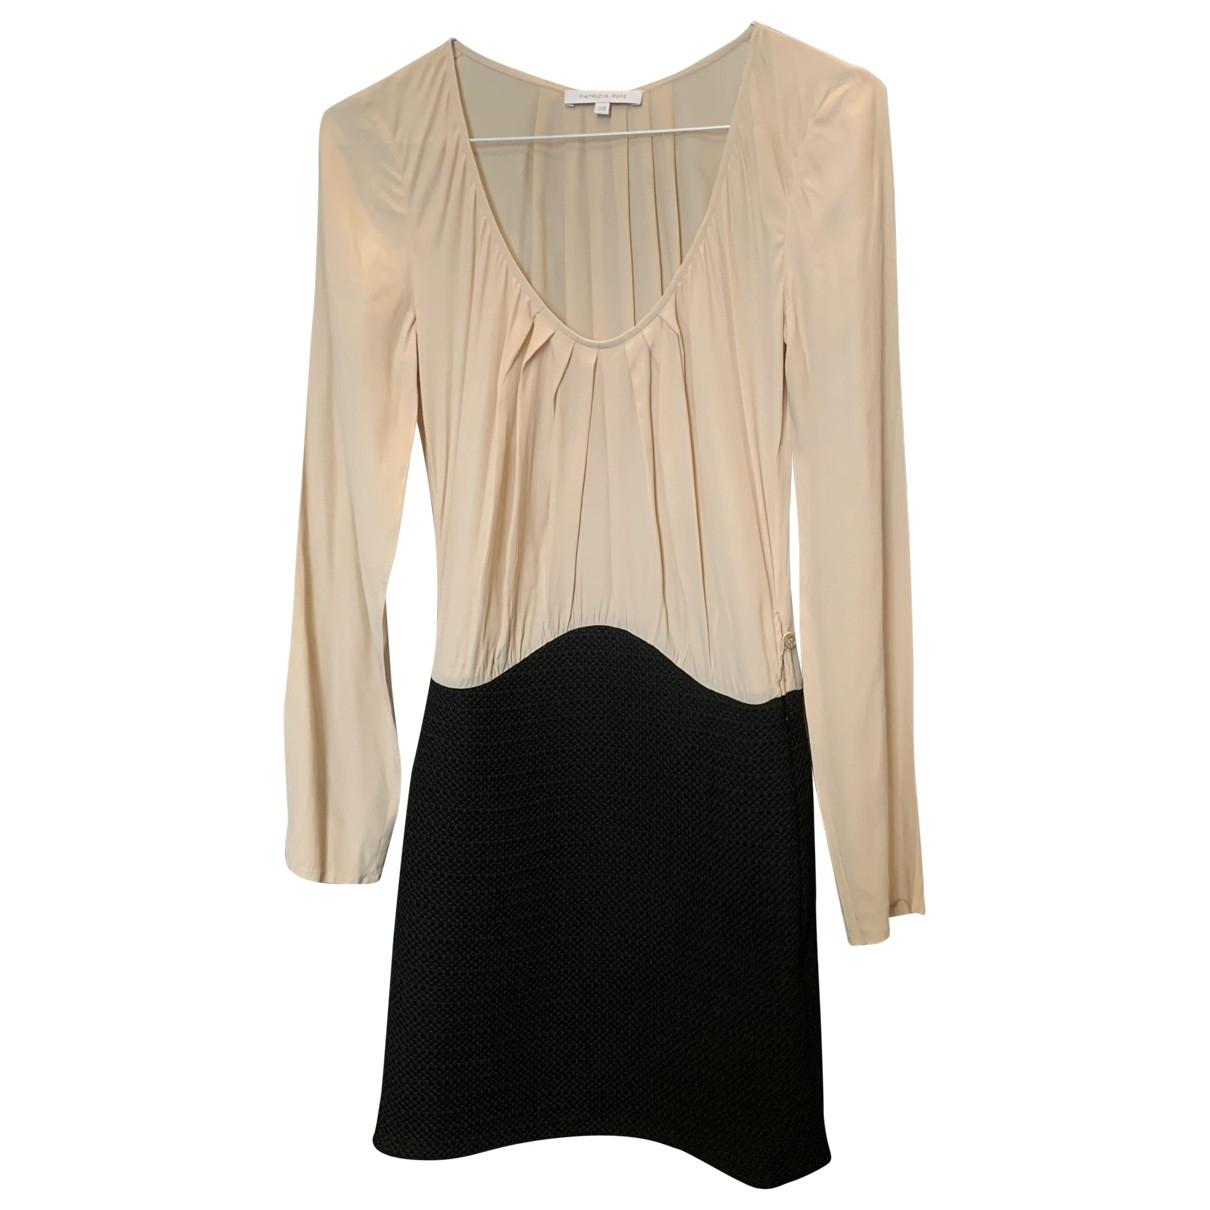 Patrizia Pepe \N Beige dress for Women 38 IT